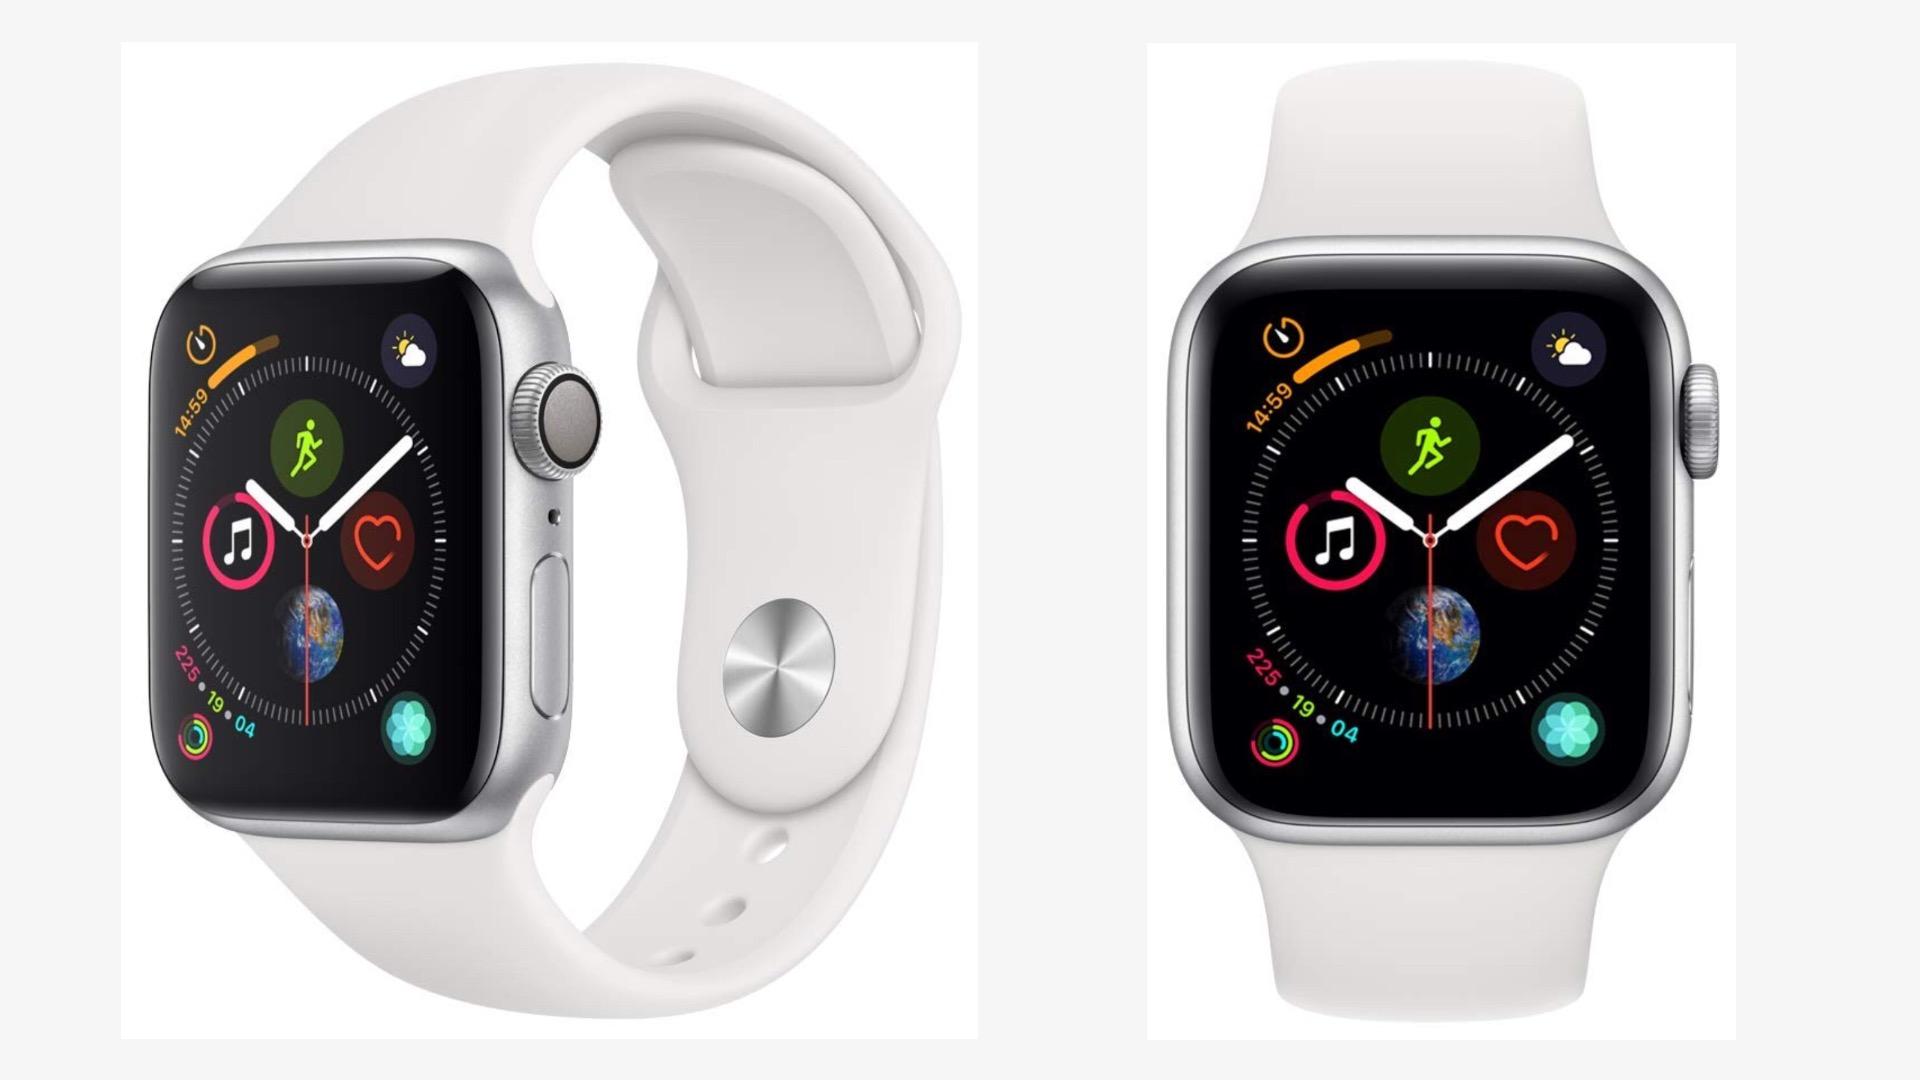 b9551d2d1d Amazonのスマートウォッチのオススメ1. Apple Watch Series 4